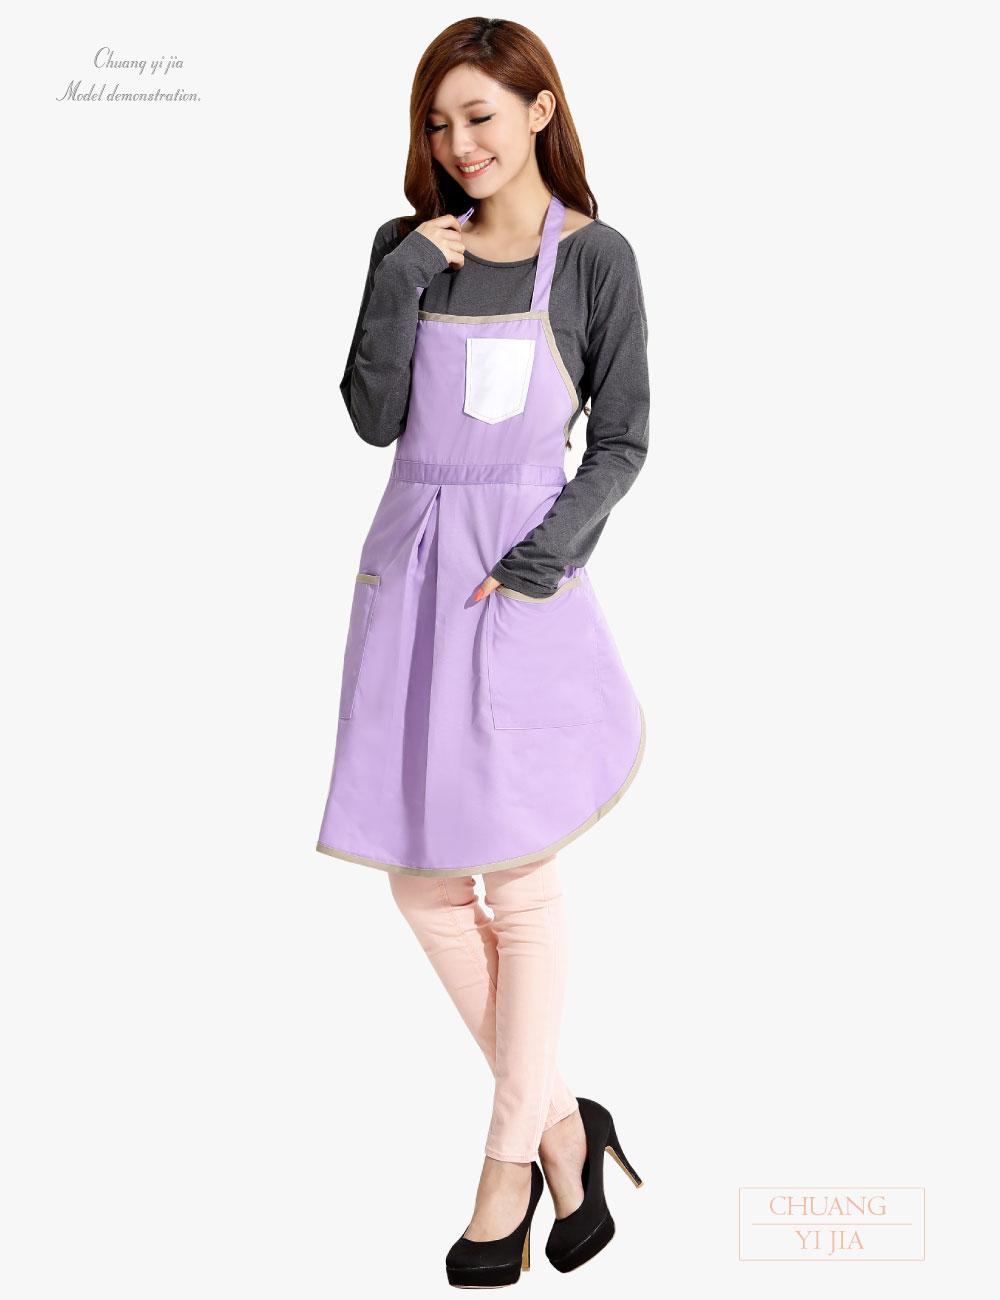 創e家訂製圍裙